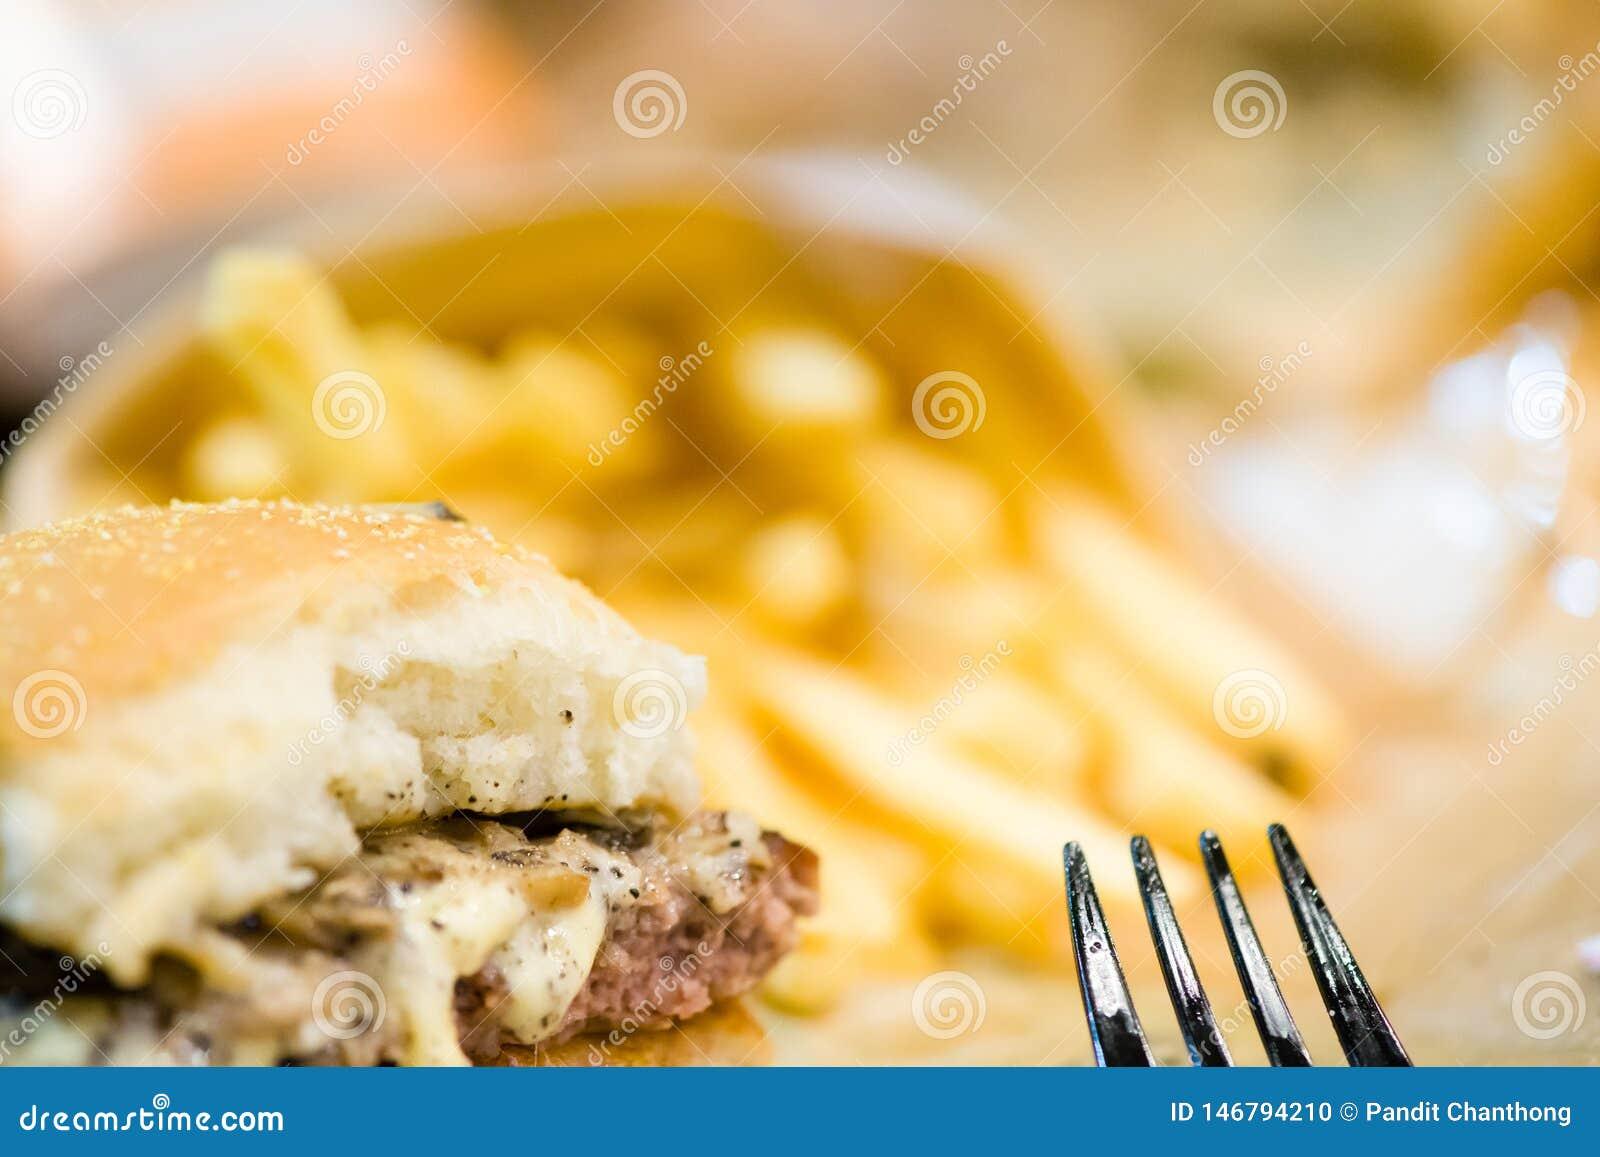 αμερικανικό χάμπουργκερ βόειου κρέατος με το τυρί και τηγανιτές πατάτες στο όμορφο bistro γρήγορου φαγητού και καφέδων εύγευστο χ